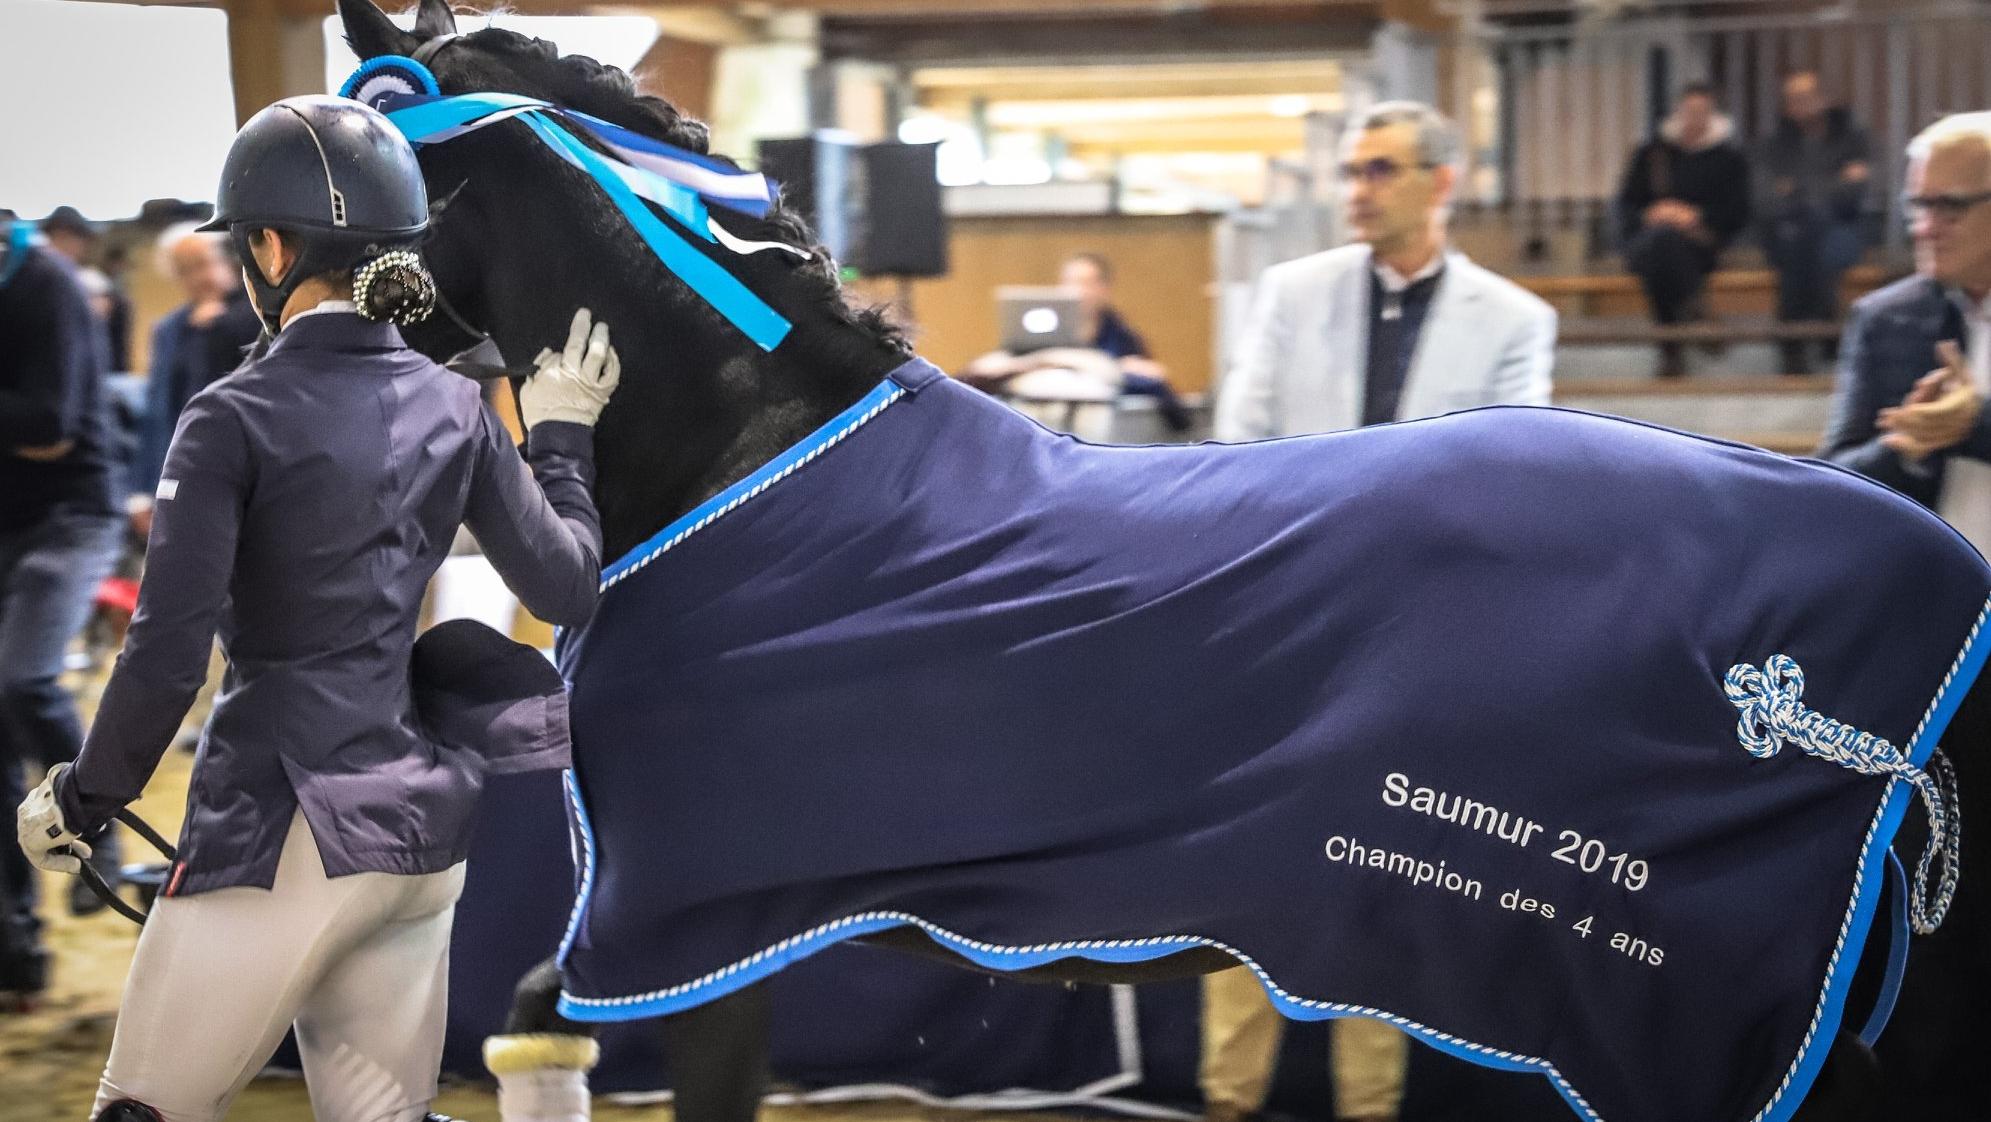 Saumur 2019 : l'élevage Fast frappe fort dans le Cycle classique...